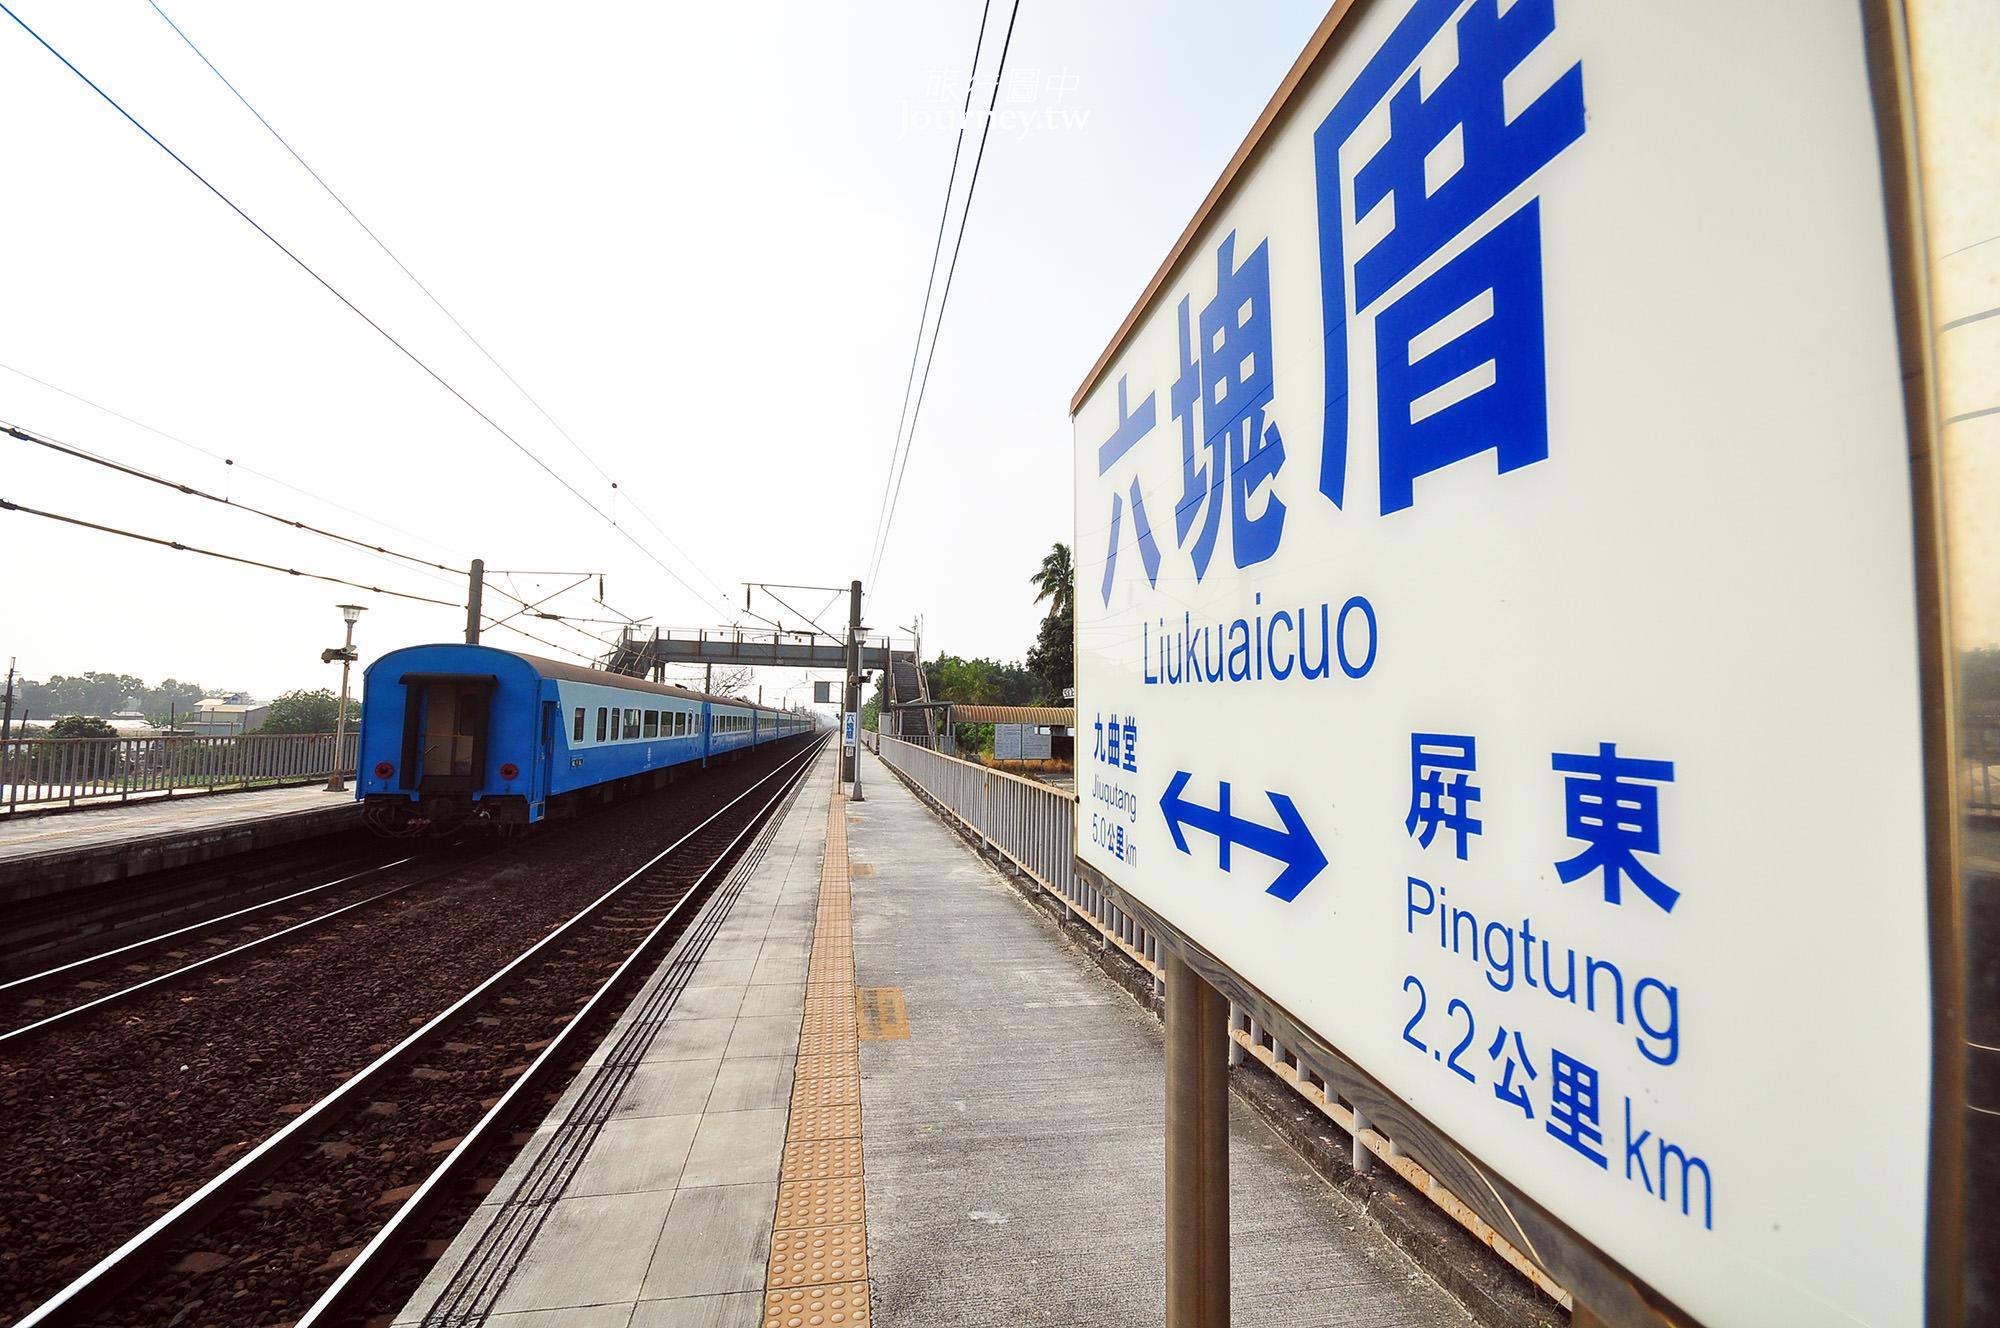 屏東,六塊厝車站,台鐵,屏東縣,鐵道旅遊